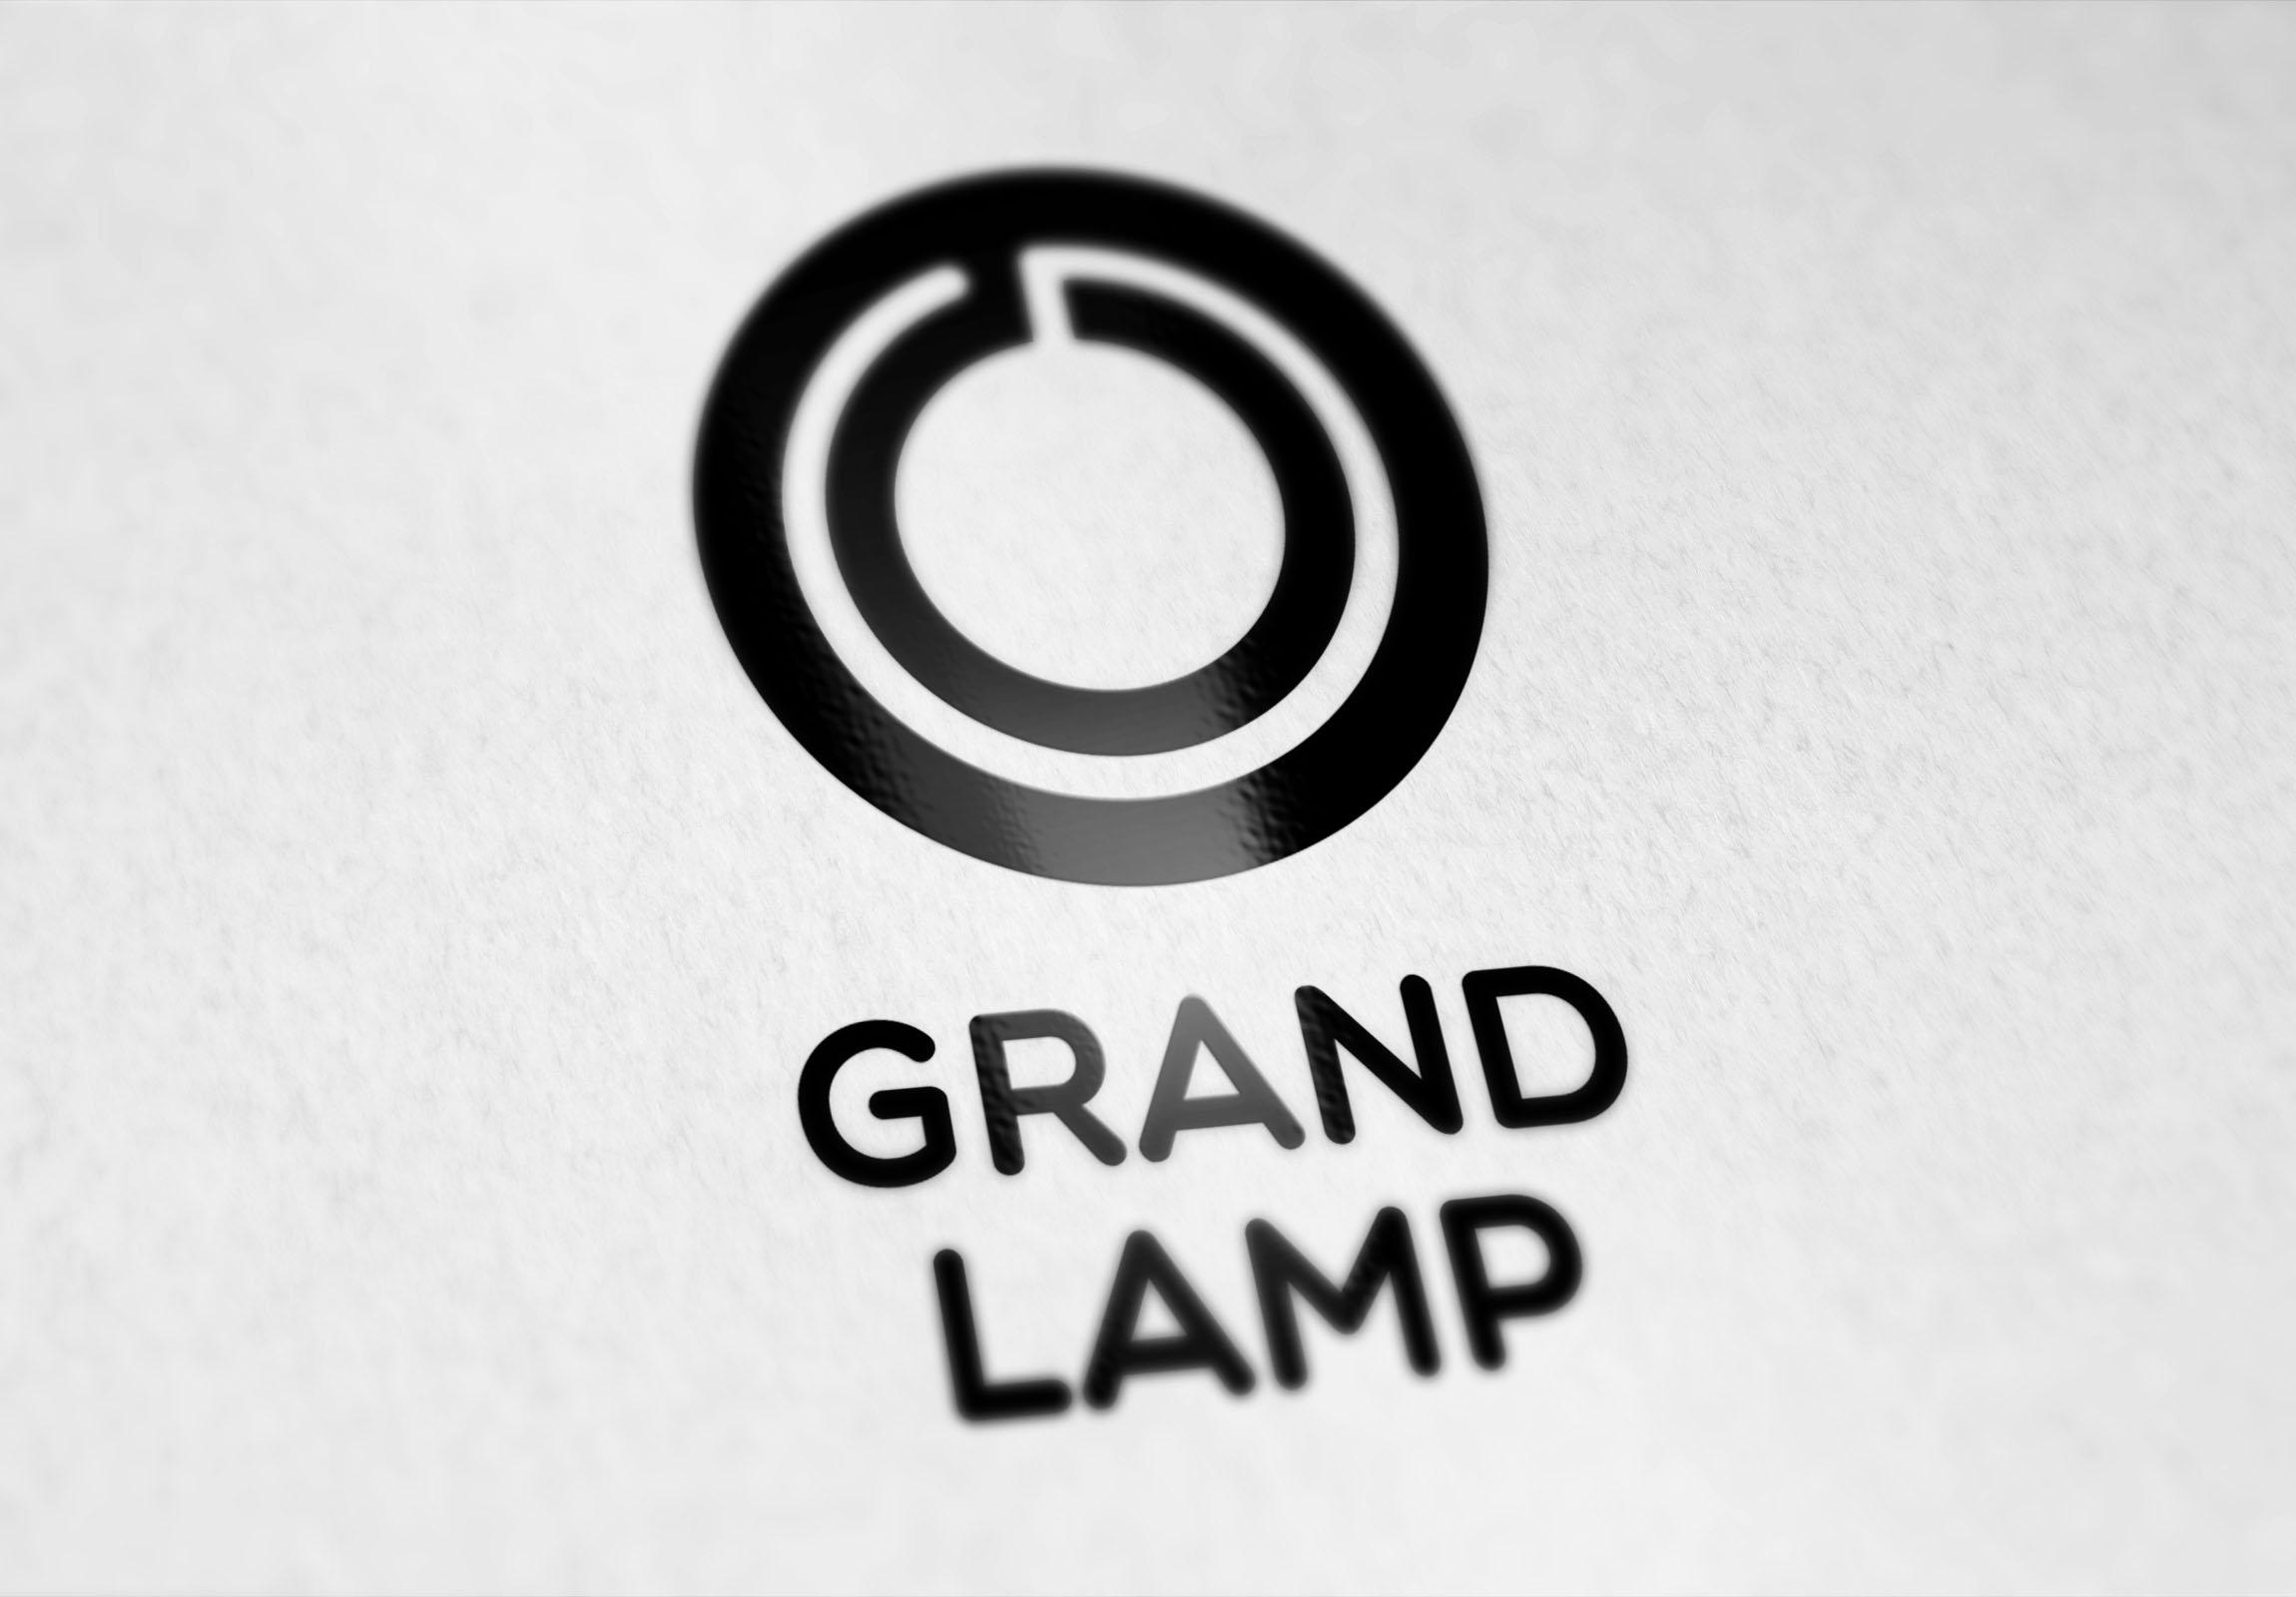 Разработка логотипа и элементов фирменного стиля фото f_85557ead83e410de.jpg